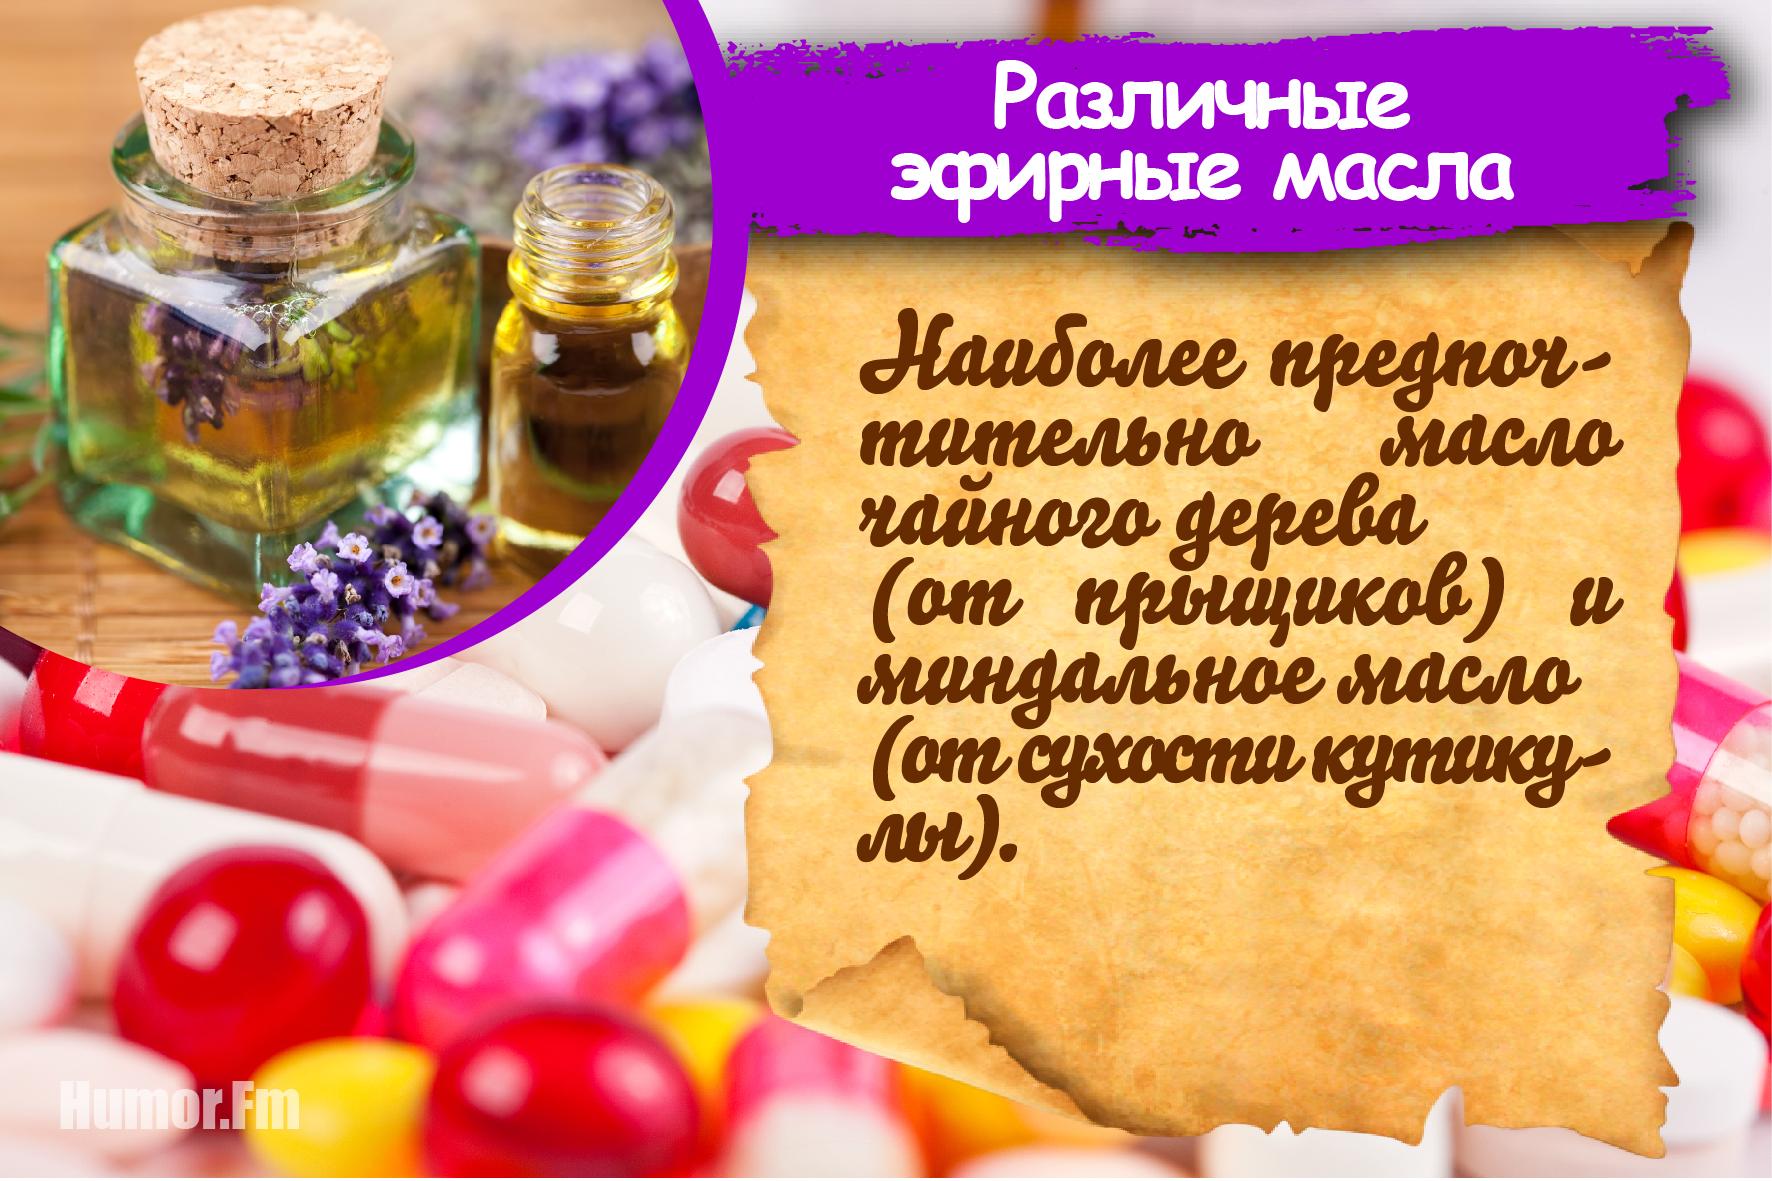 препараты от паразитов гельминтов